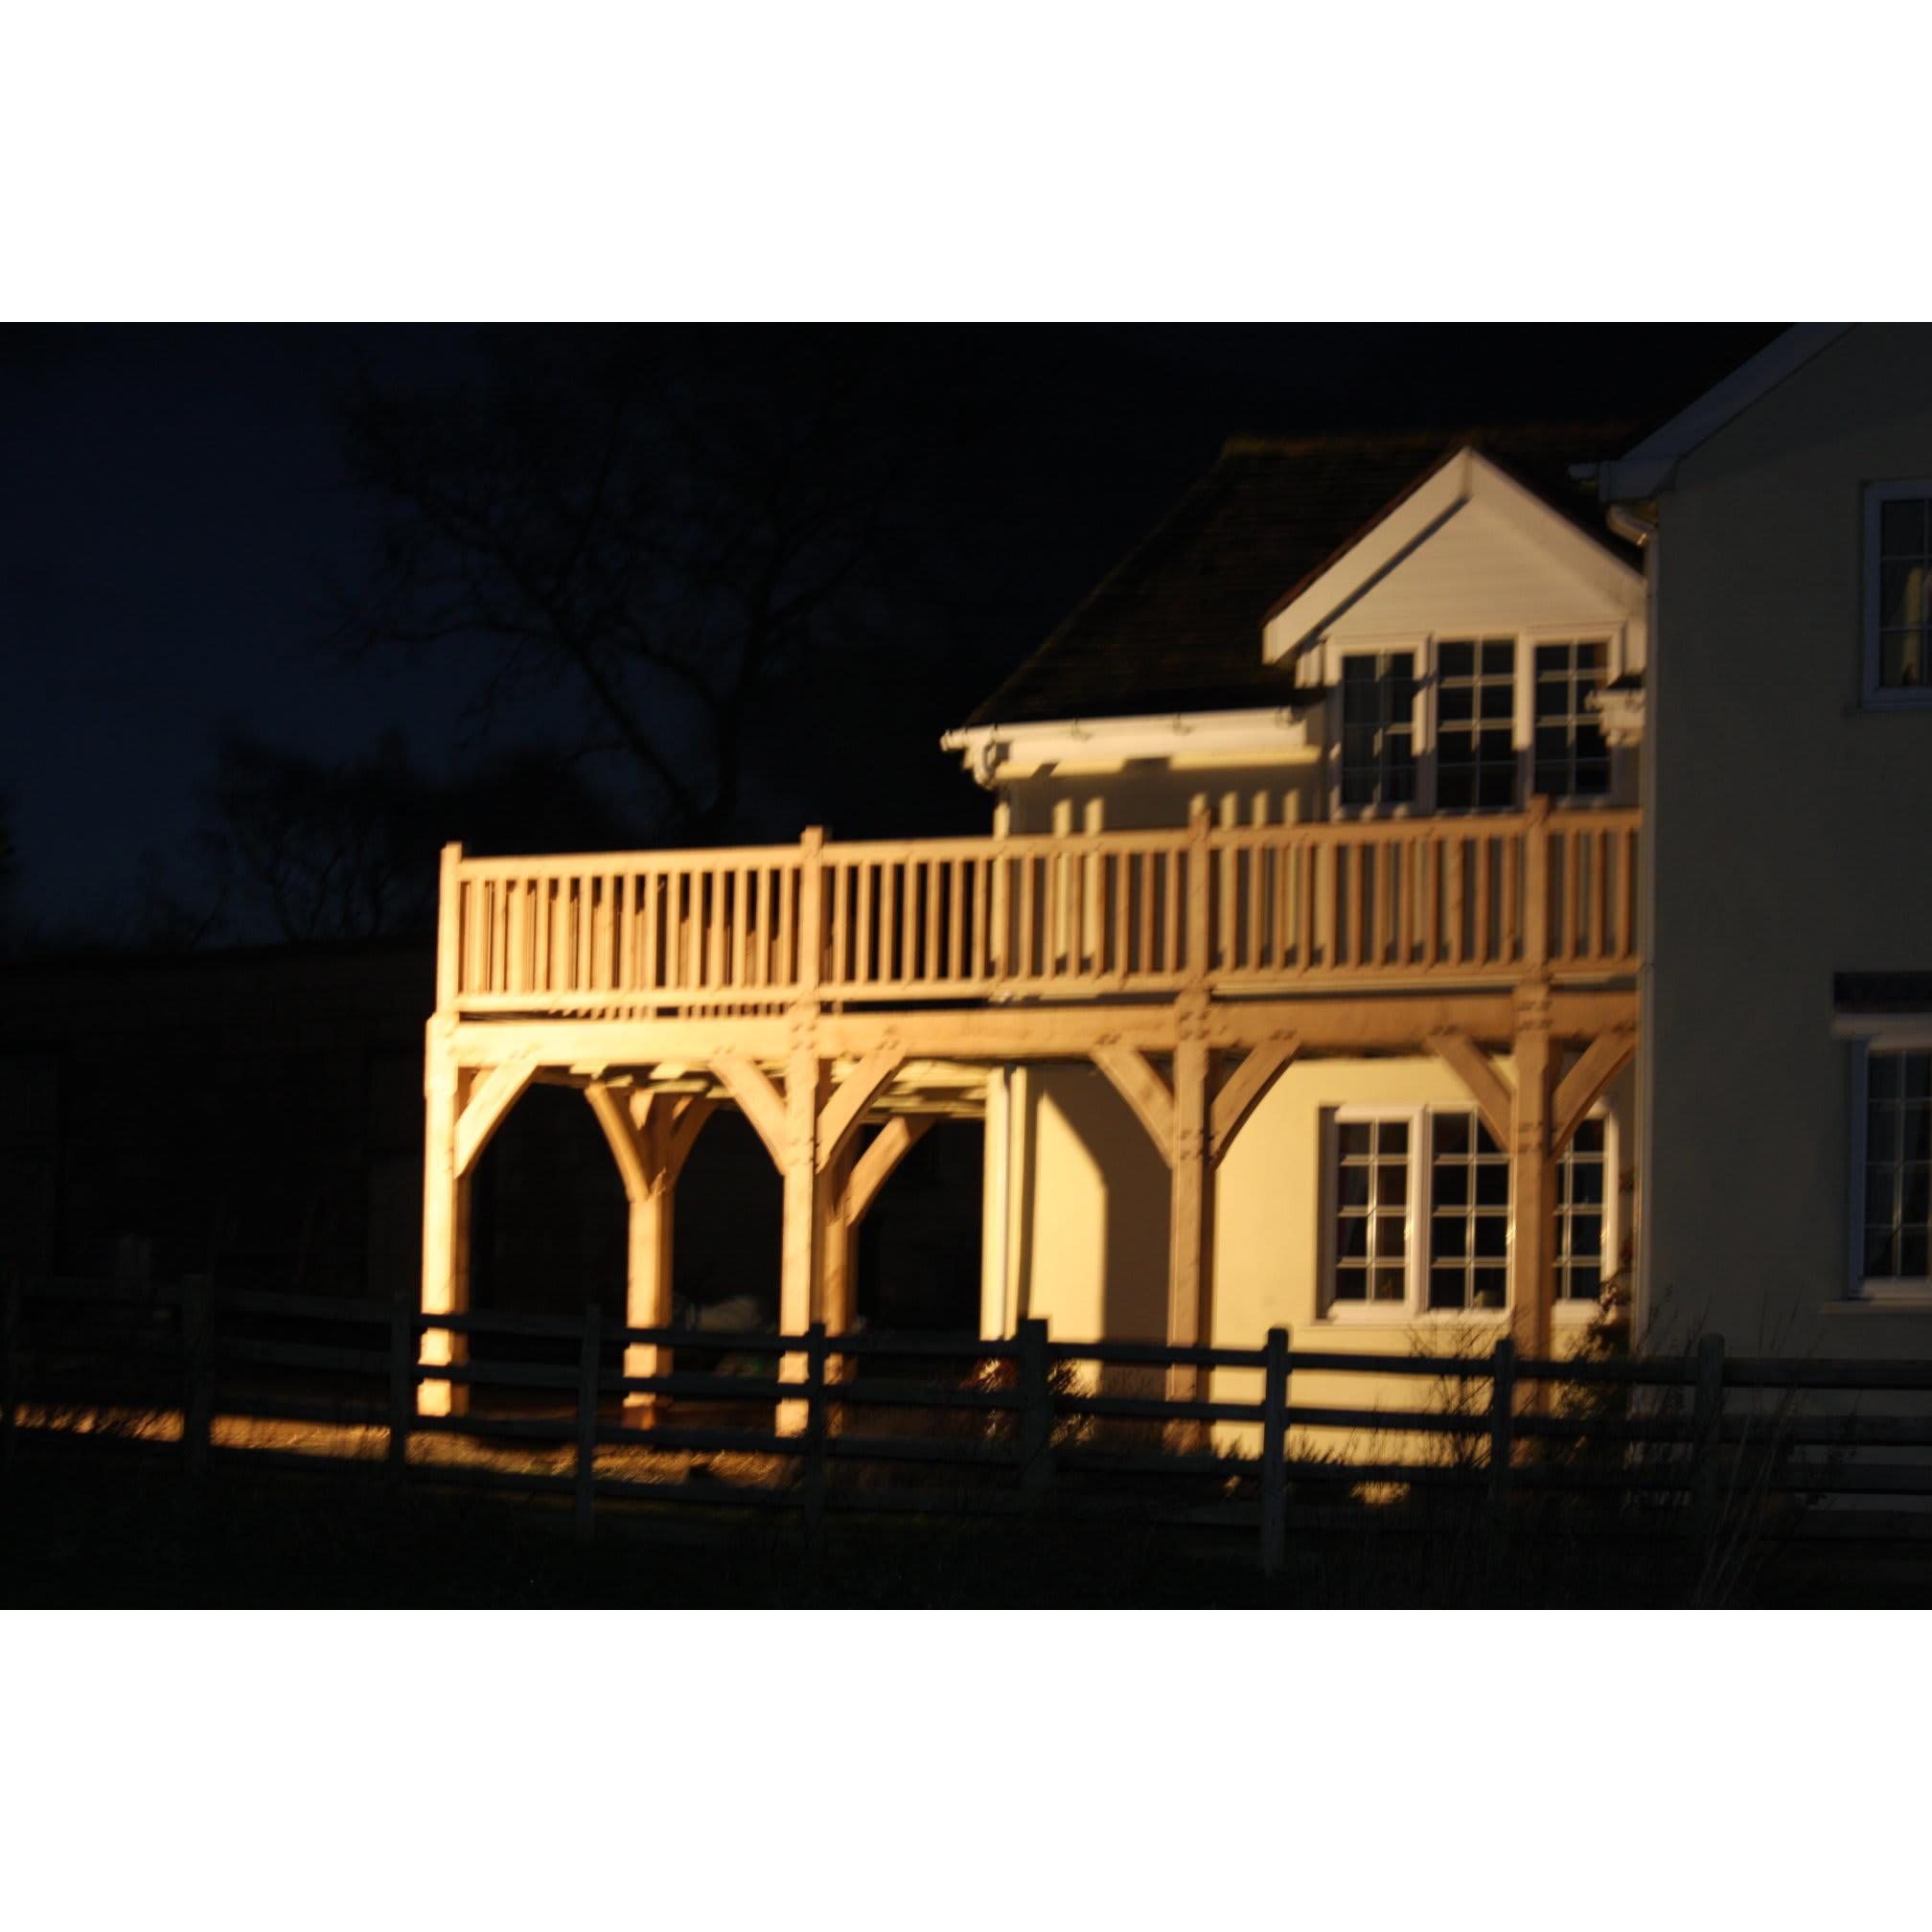 WYE Oak Timber Framing Ltd - Leominster, Herefordshire HR6 9AL - 01432 360022 | ShowMeLocal.com